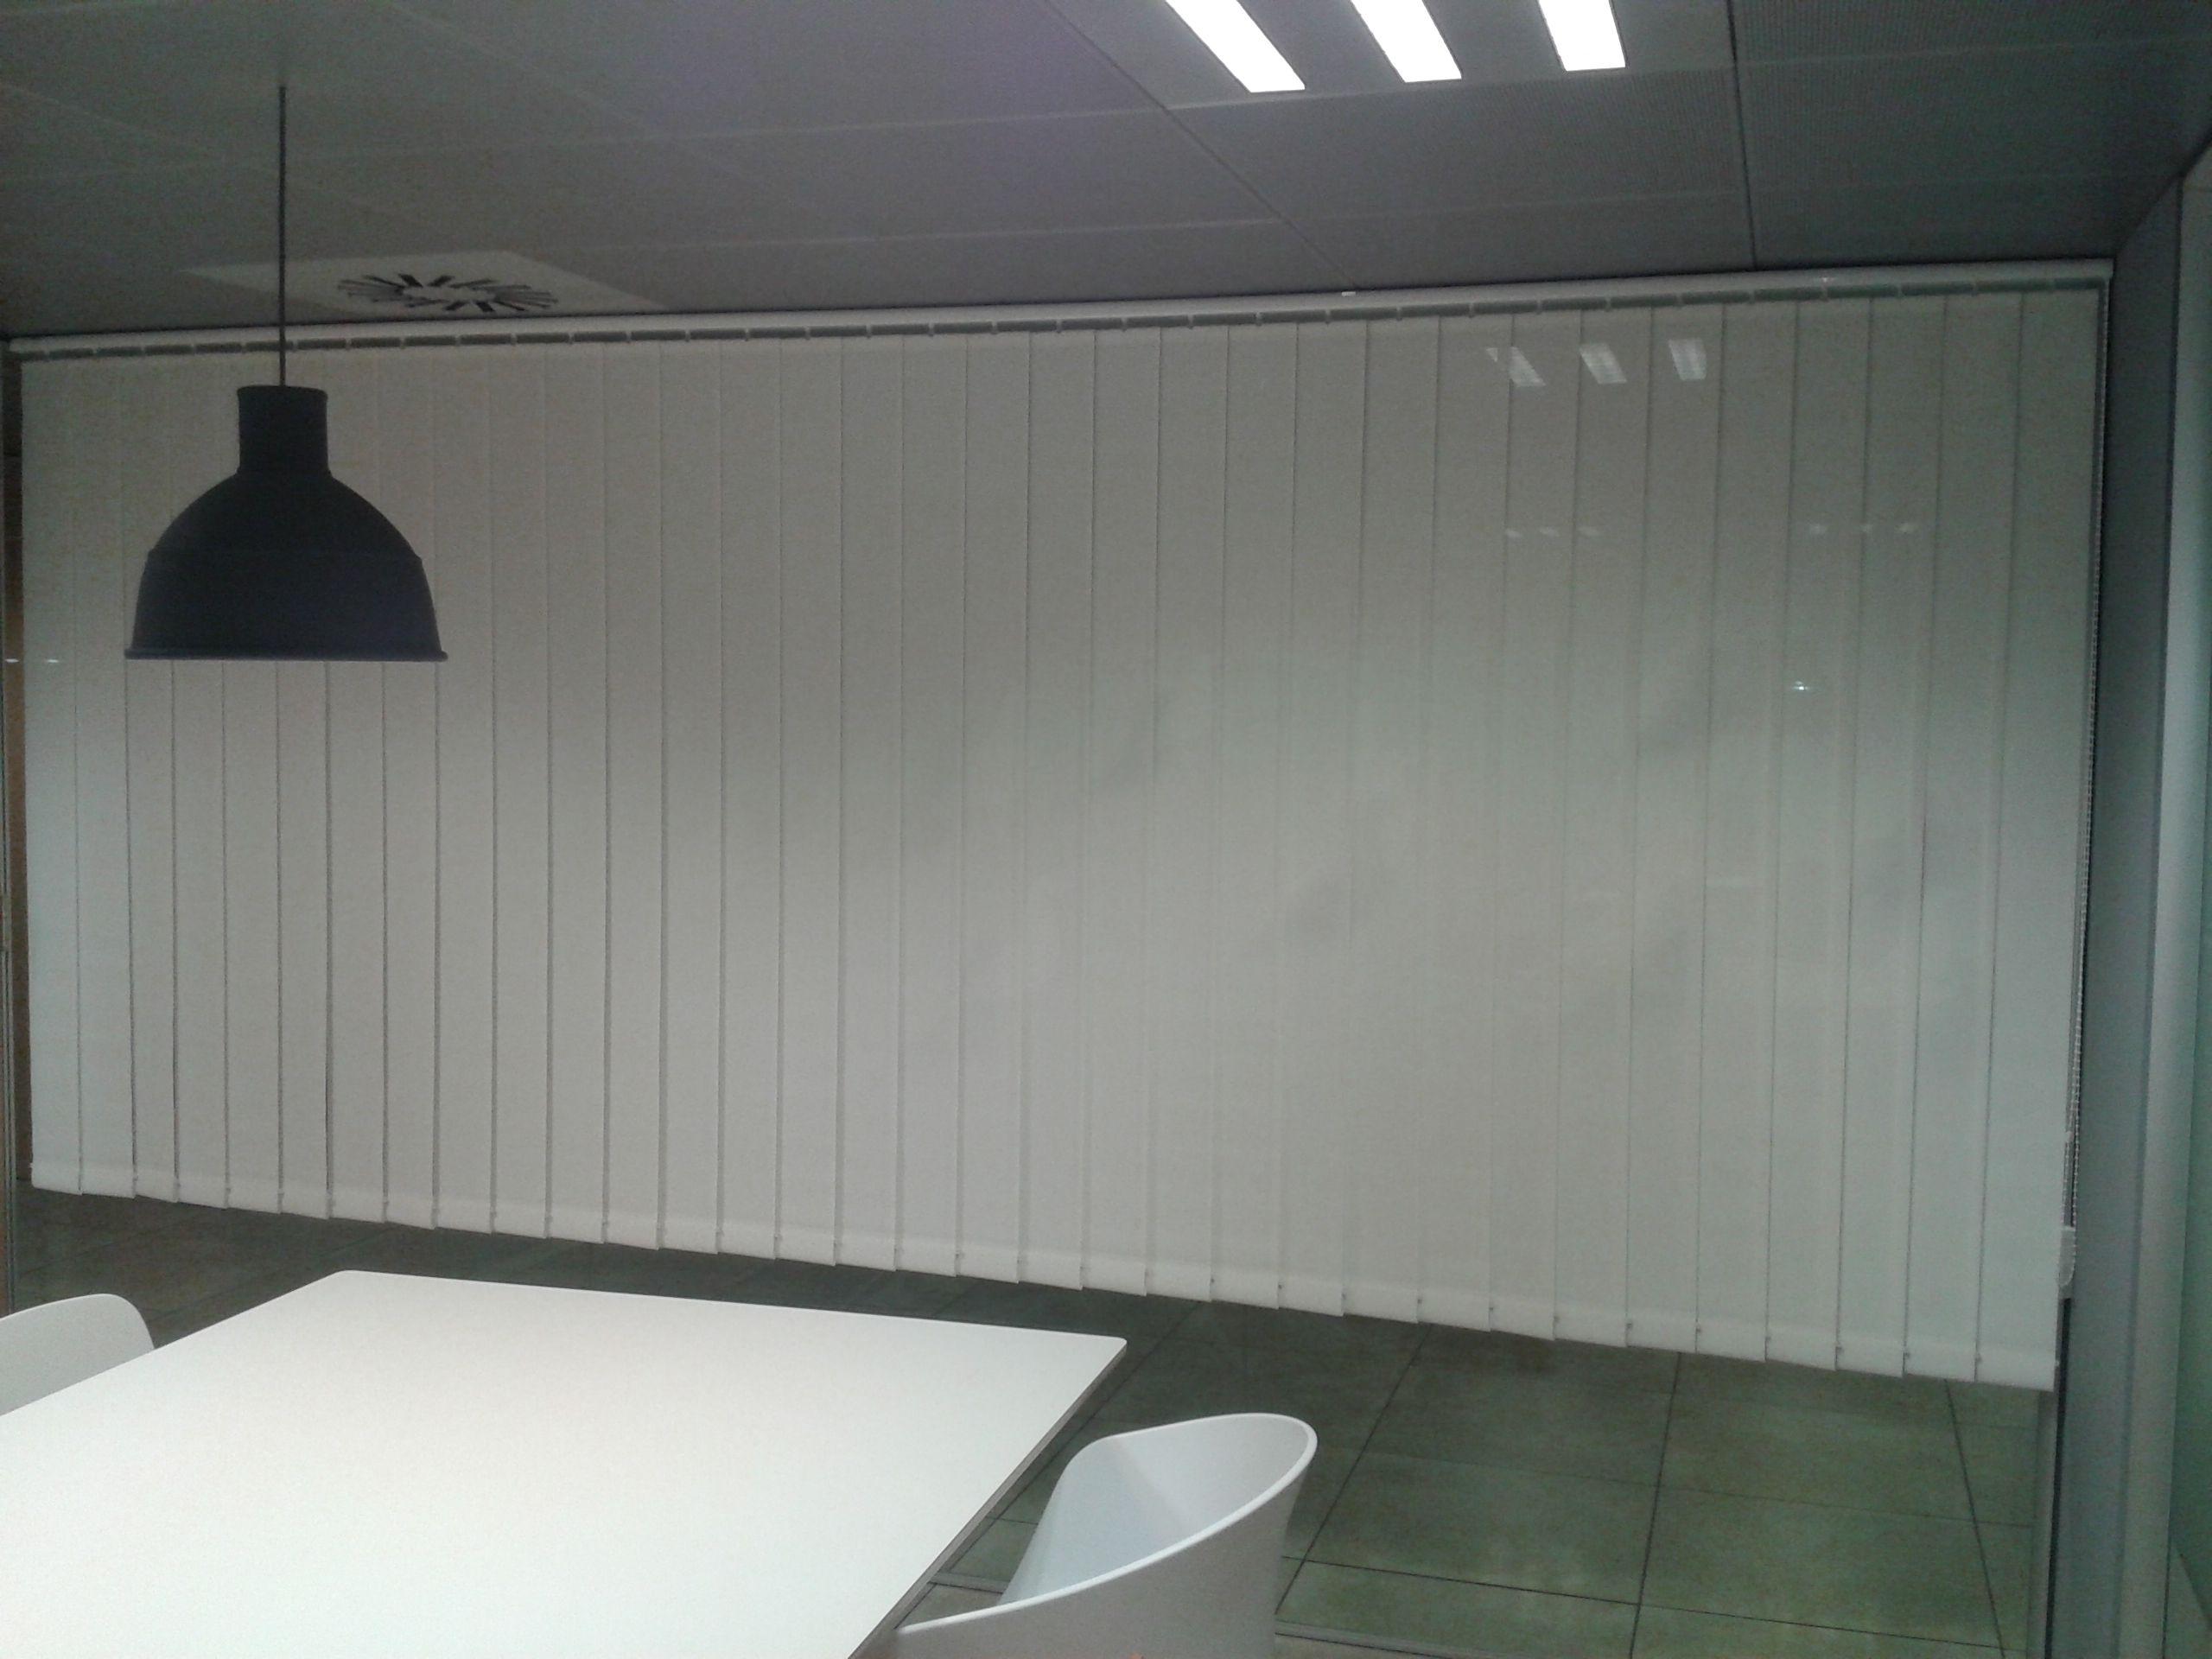 Cortinas verticales screen simple cortinas verticales a - Cortinas verticales online ...